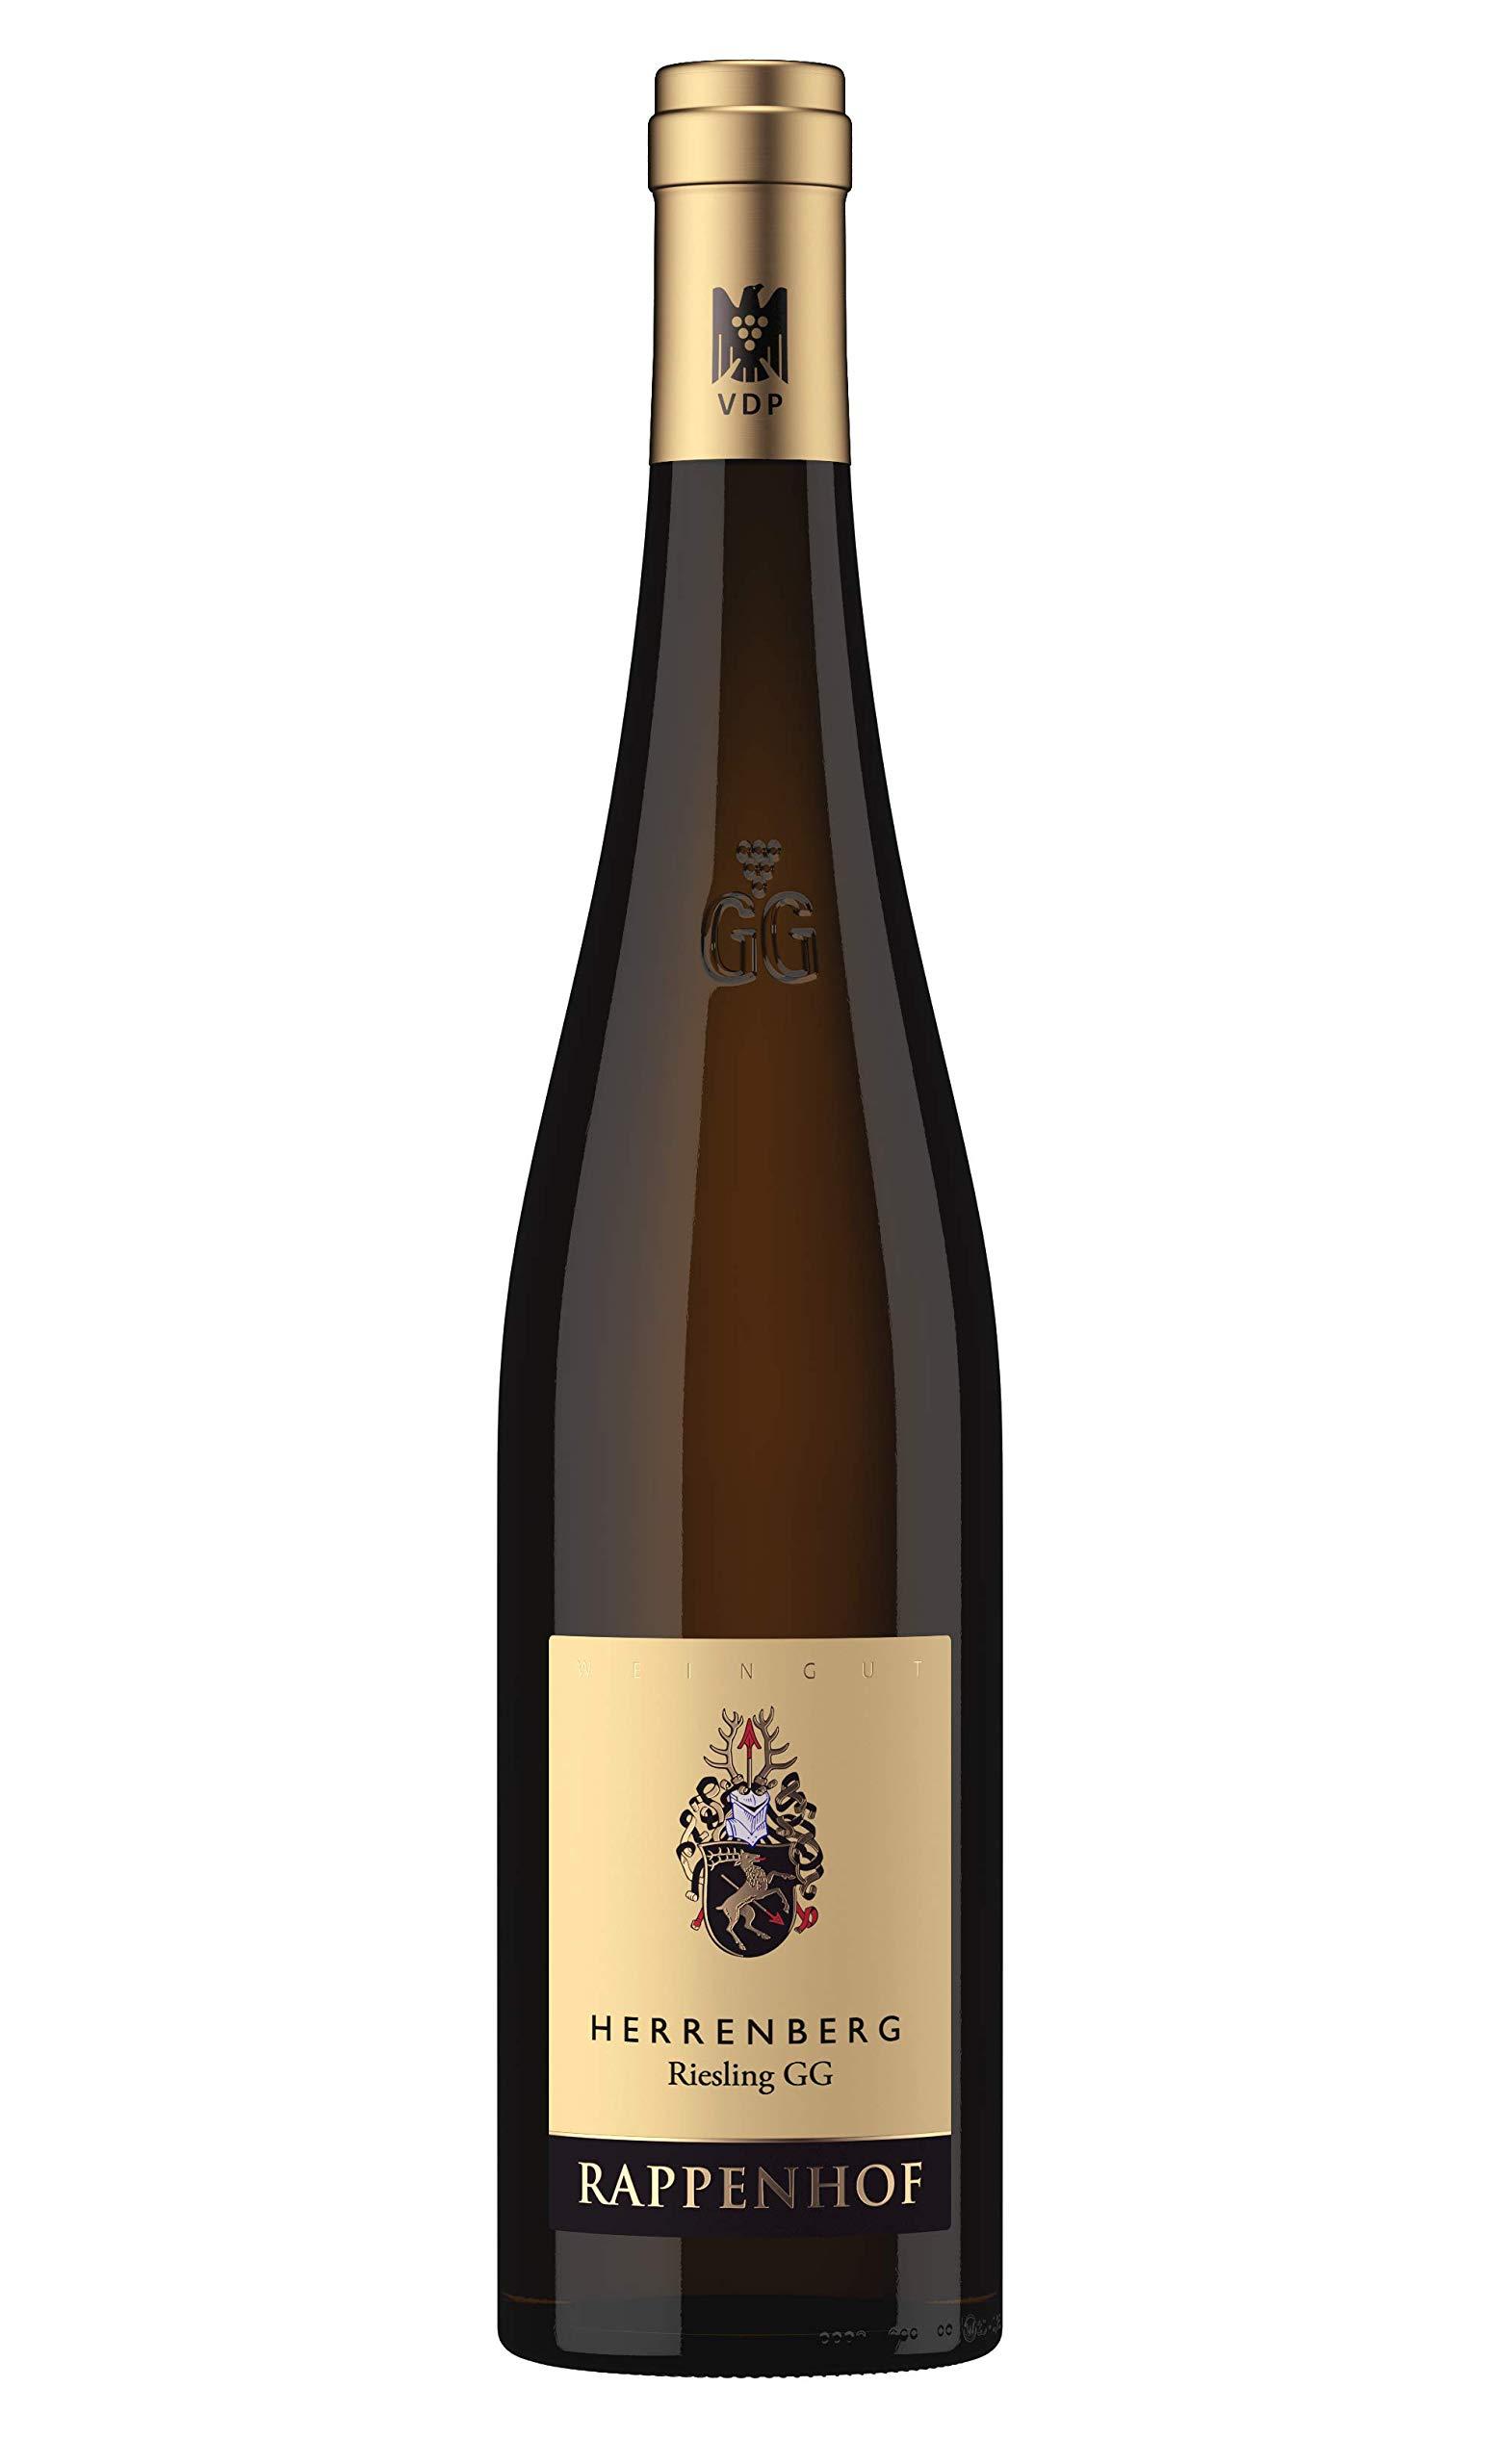 Weingut-Rappenhof-Herrenberg-Riesling-GG-VDPGroe-Lage-2016-trocken-1-x-750-ml